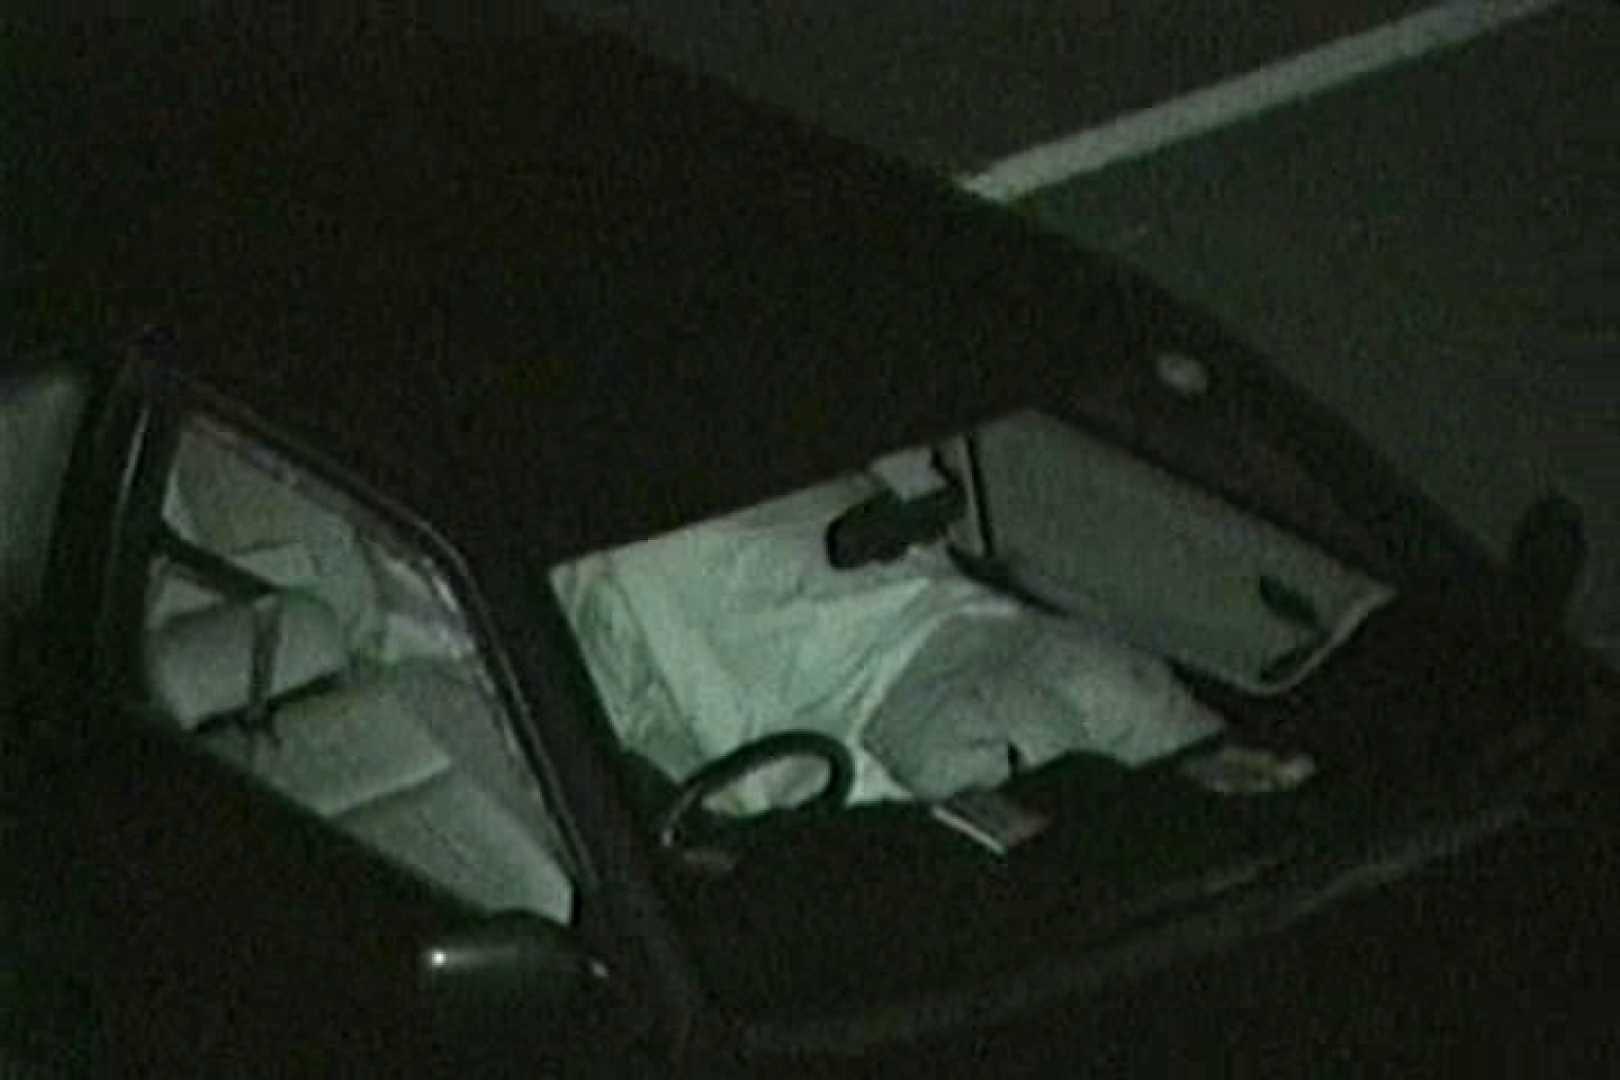 車の中はラブホテル 無修正版  Vol.8 ラブホテル AV無料動画キャプチャ 102PIX 95